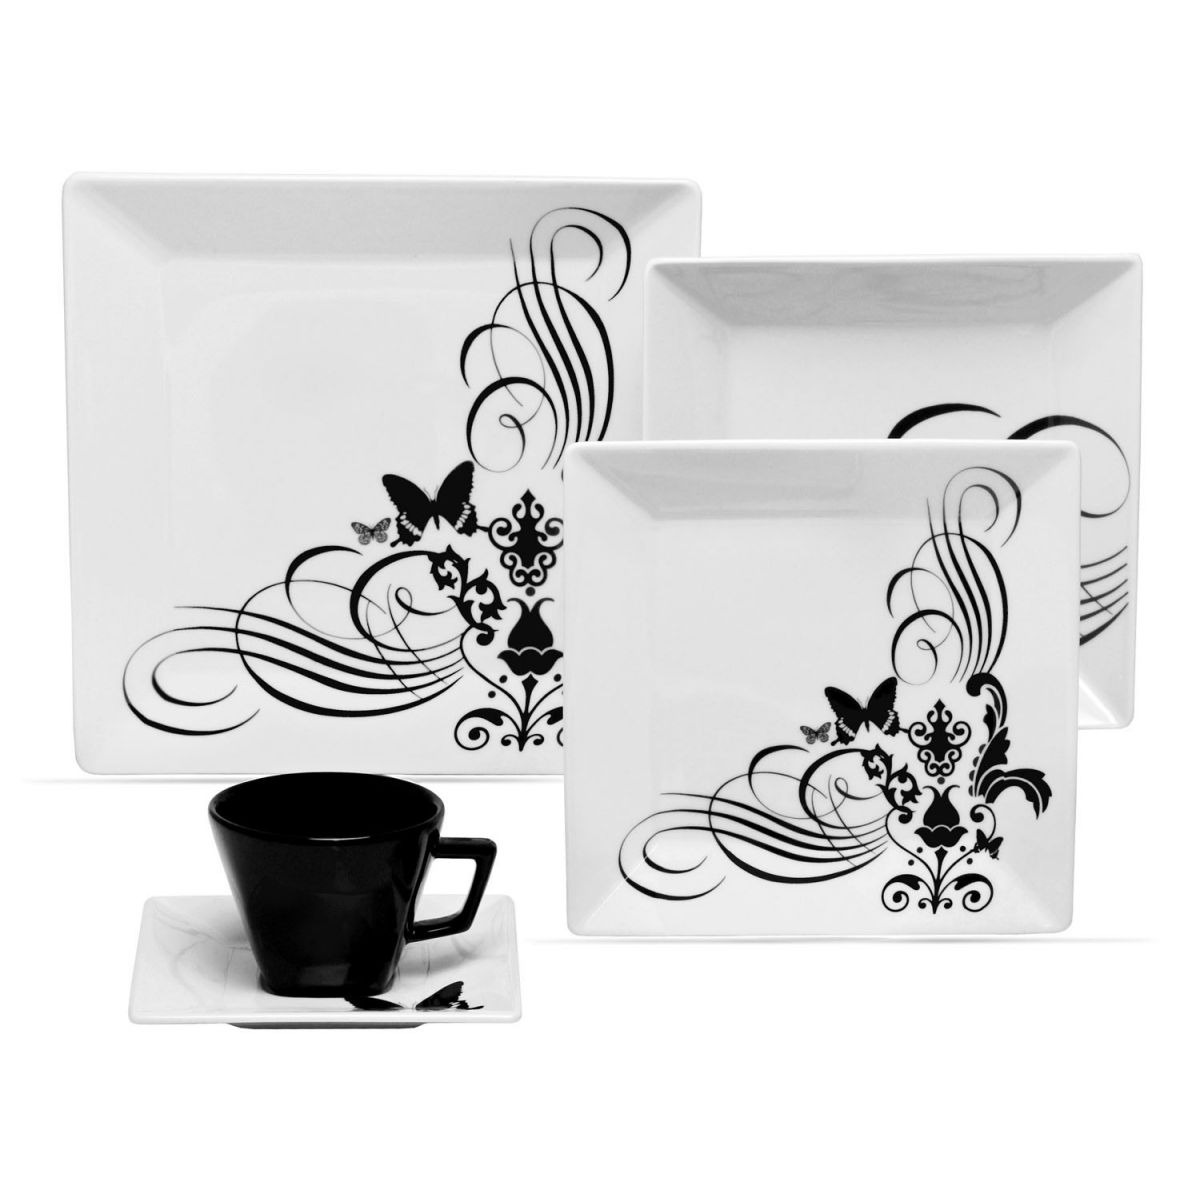 Aparelho De Jantar Em Porcelana 30 Peças Oxford Tatoo R$ 535 00  #666666 1200x1200